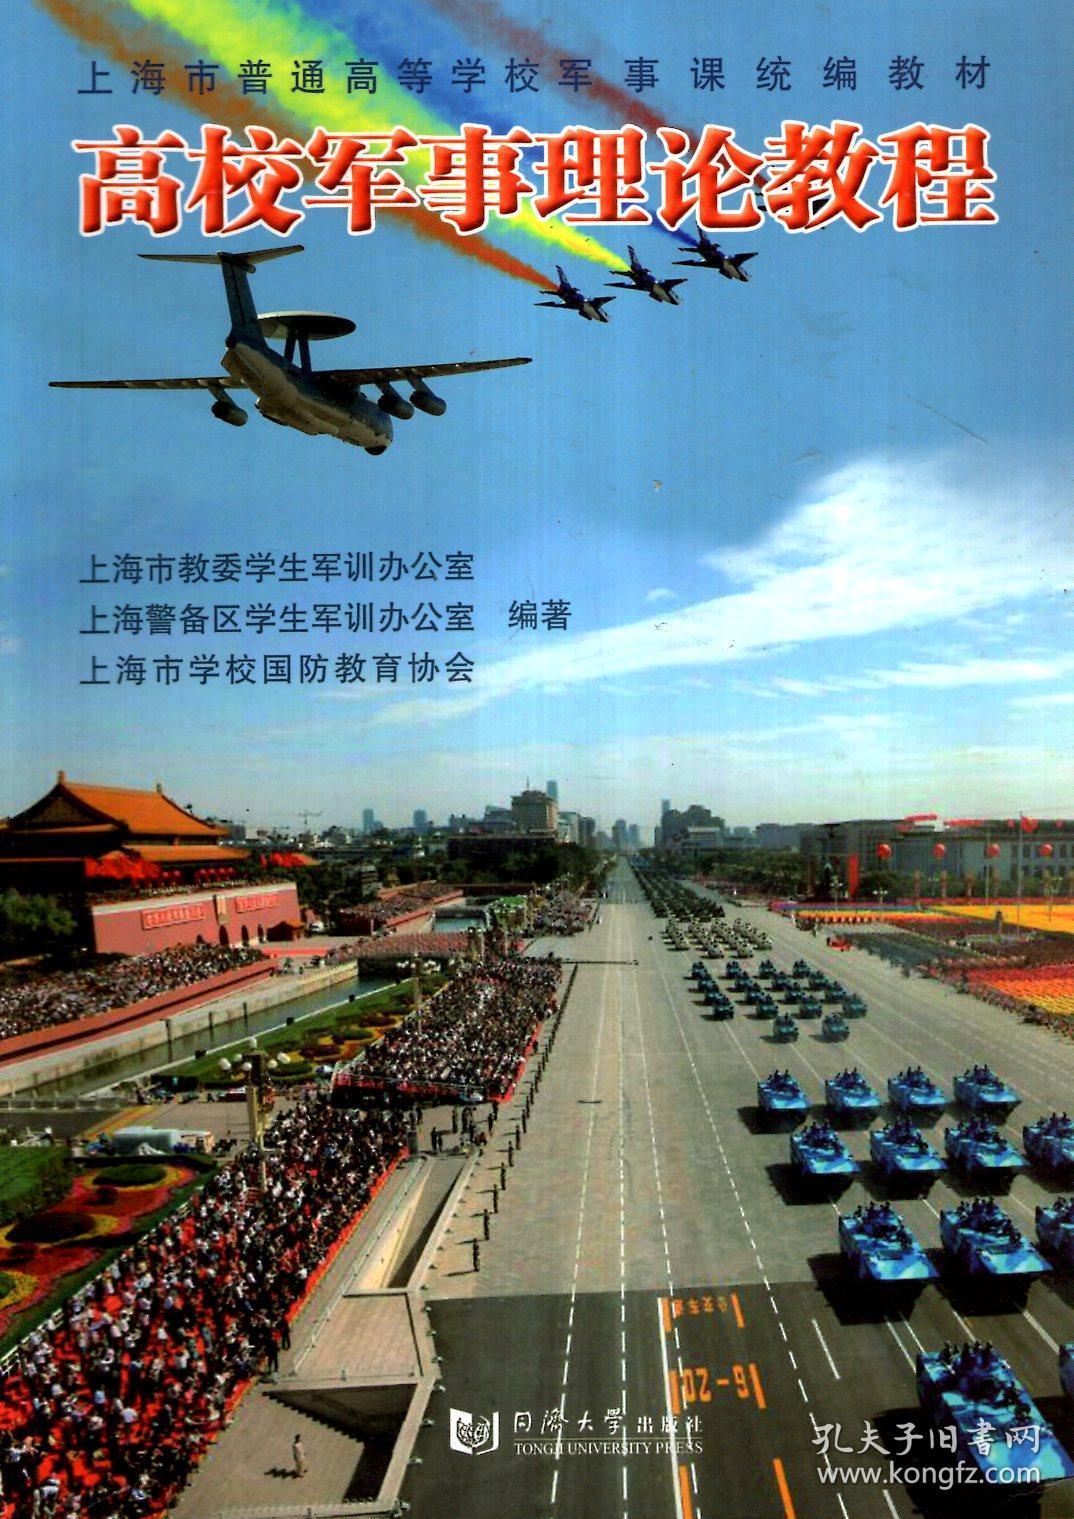 上海市普通高等学校军事课统编空气.高校军事如何用鸡翅炸锅炸教材图片